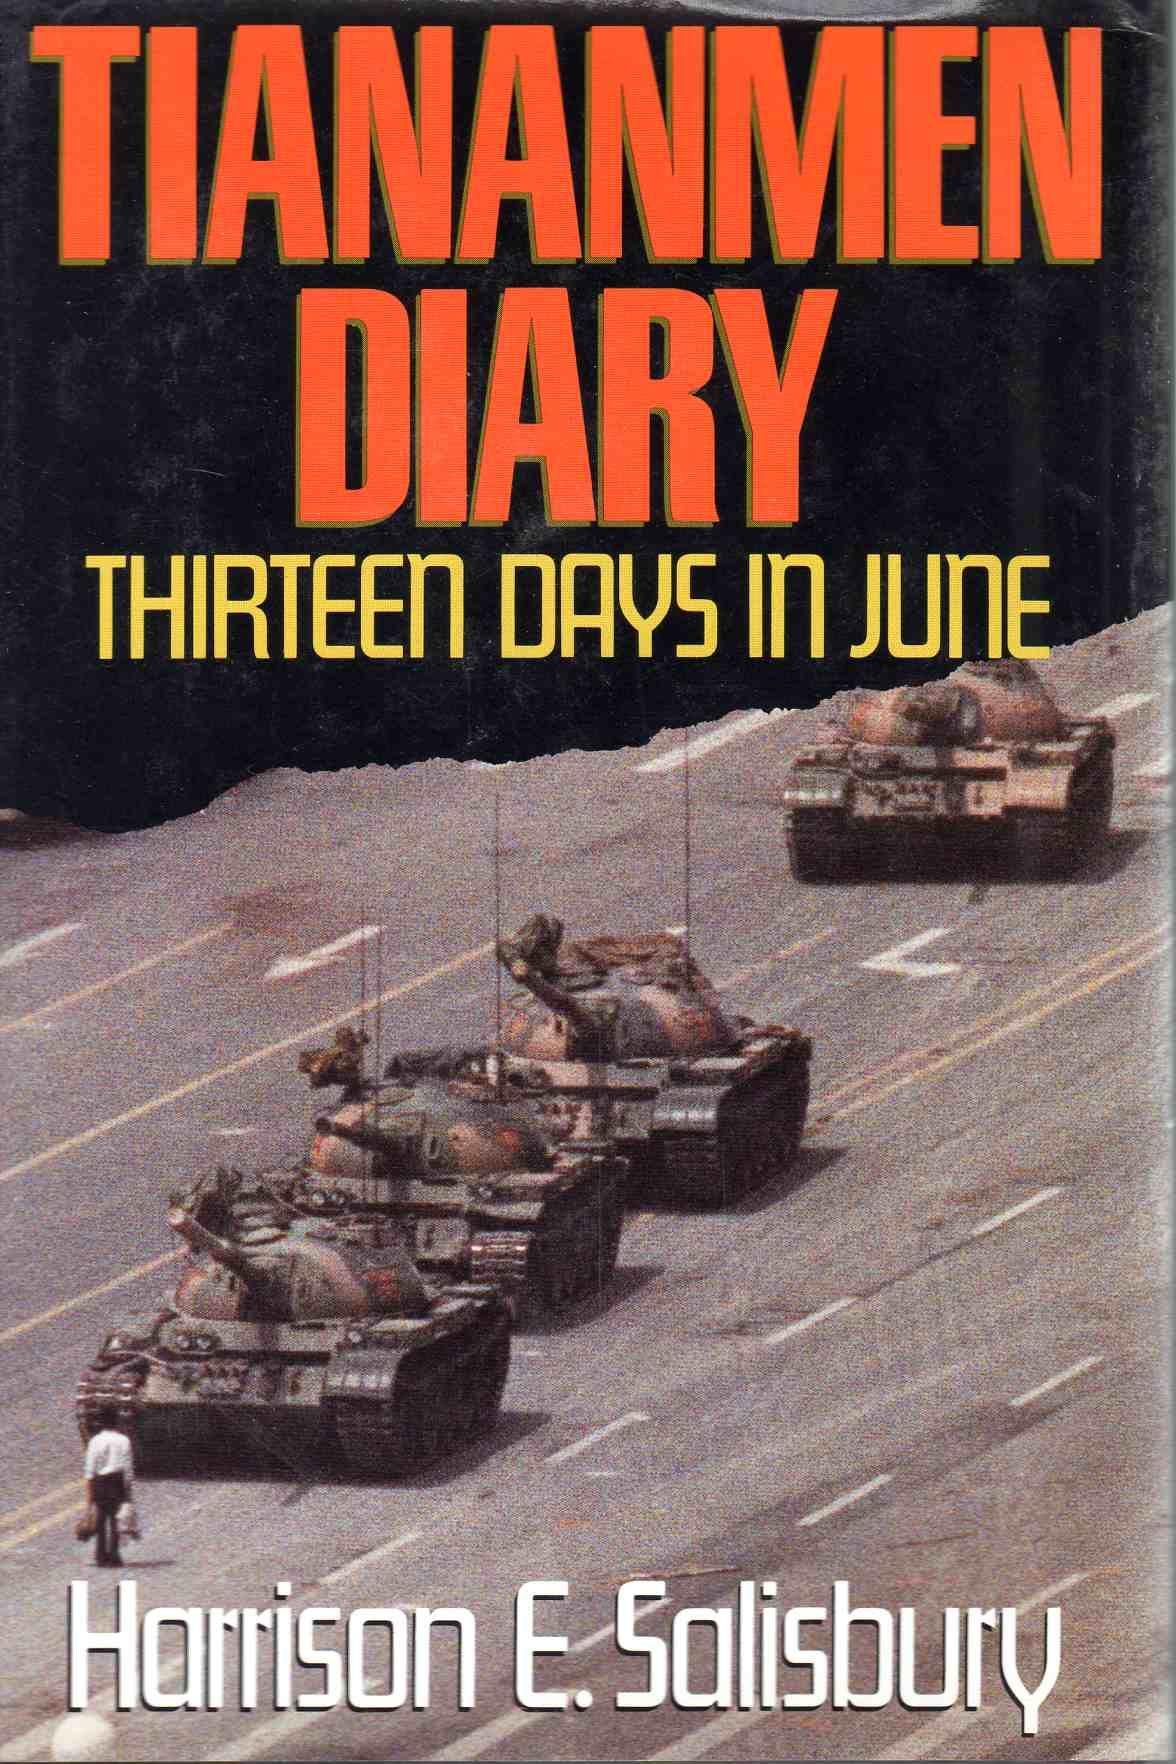 Tiananmen Diary: Thirteen Days in June